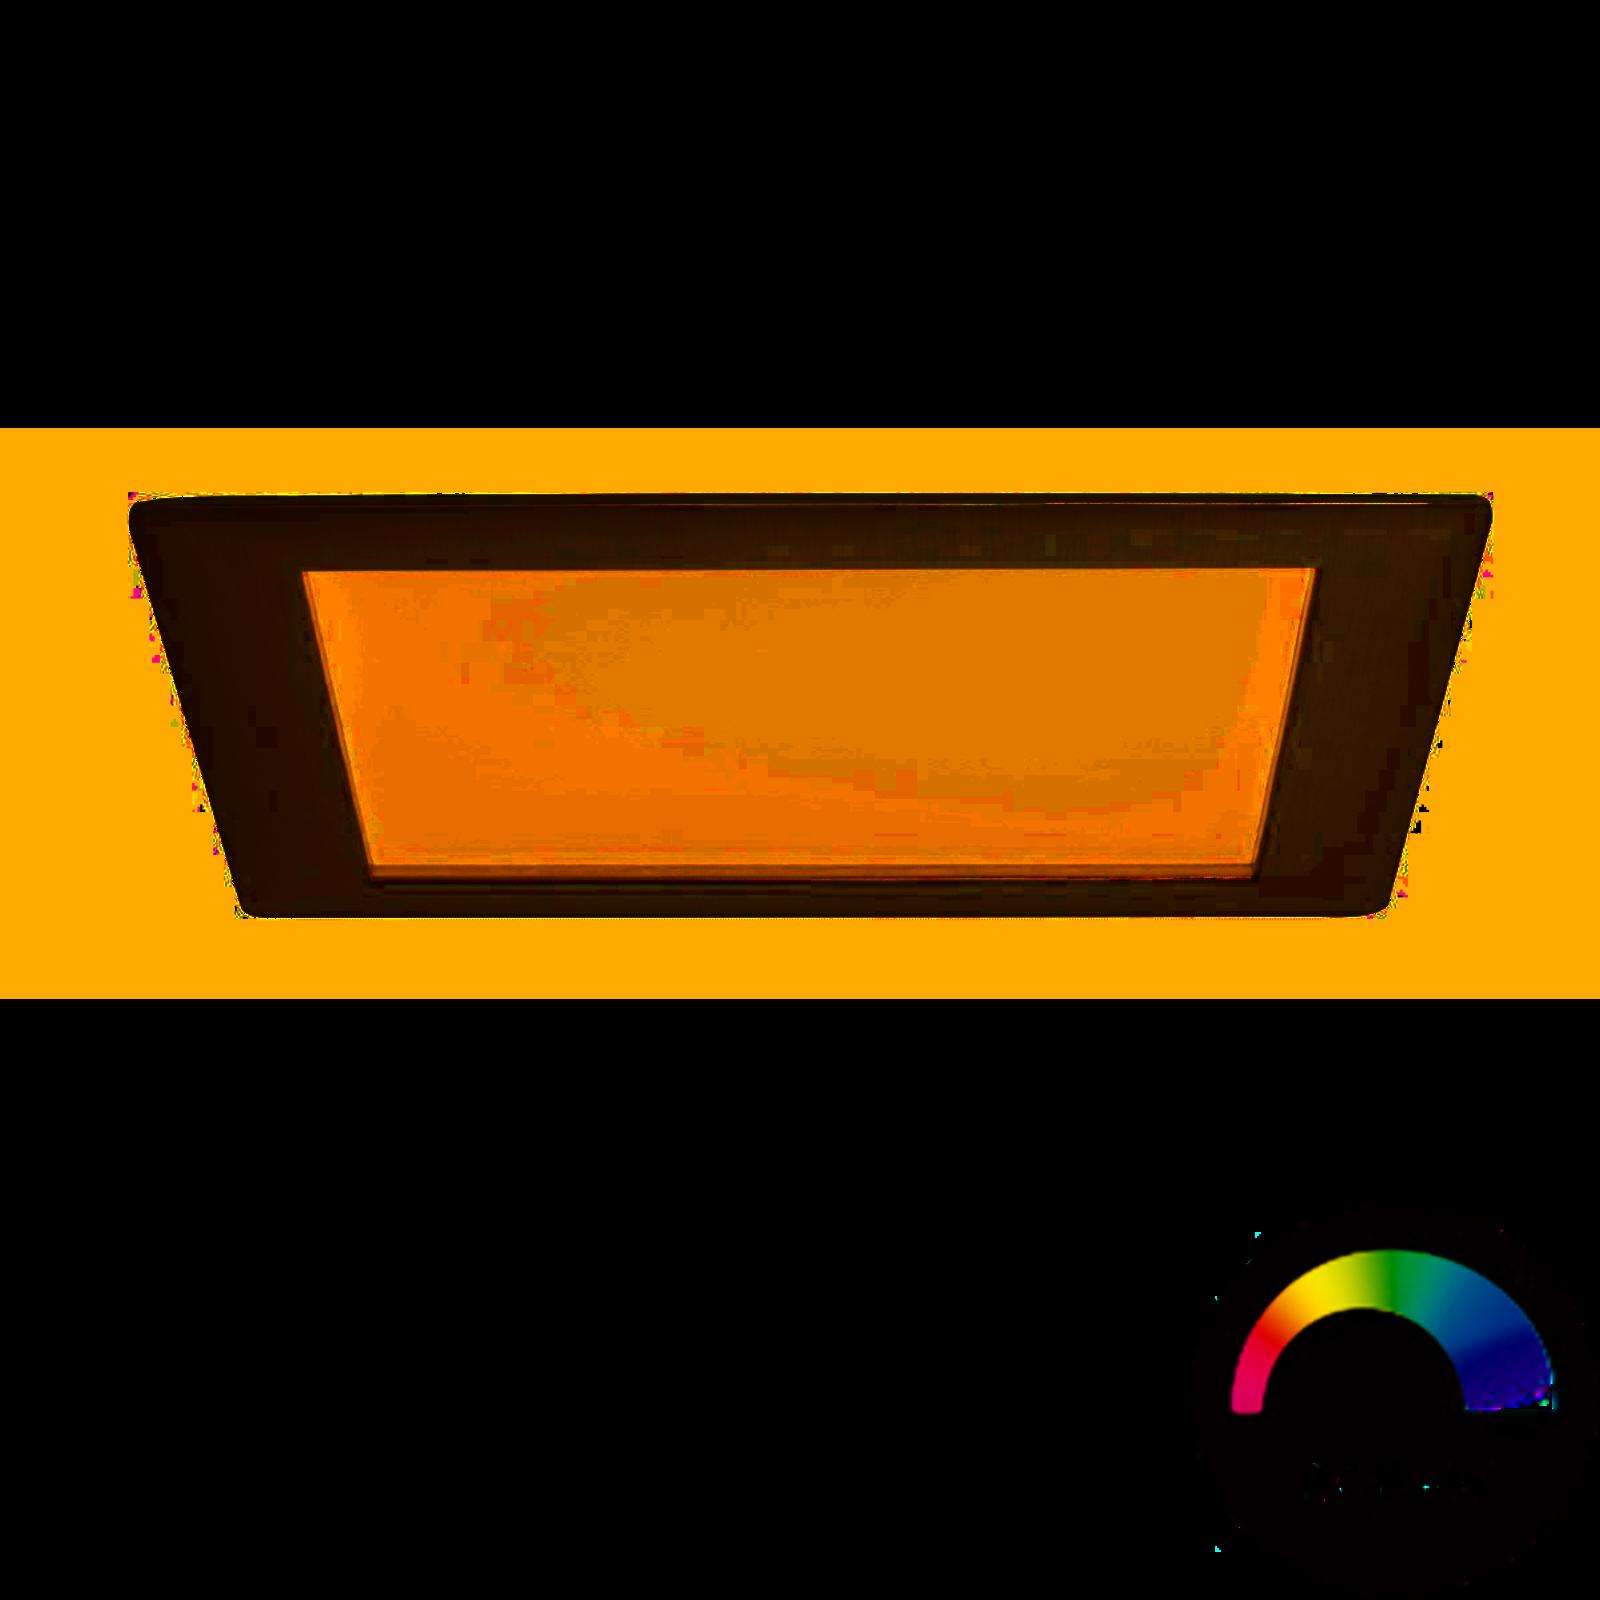 Paulmann LED Einbaupanel eckig 3,5W Eisen mit RGBW Farblichtsteuerung